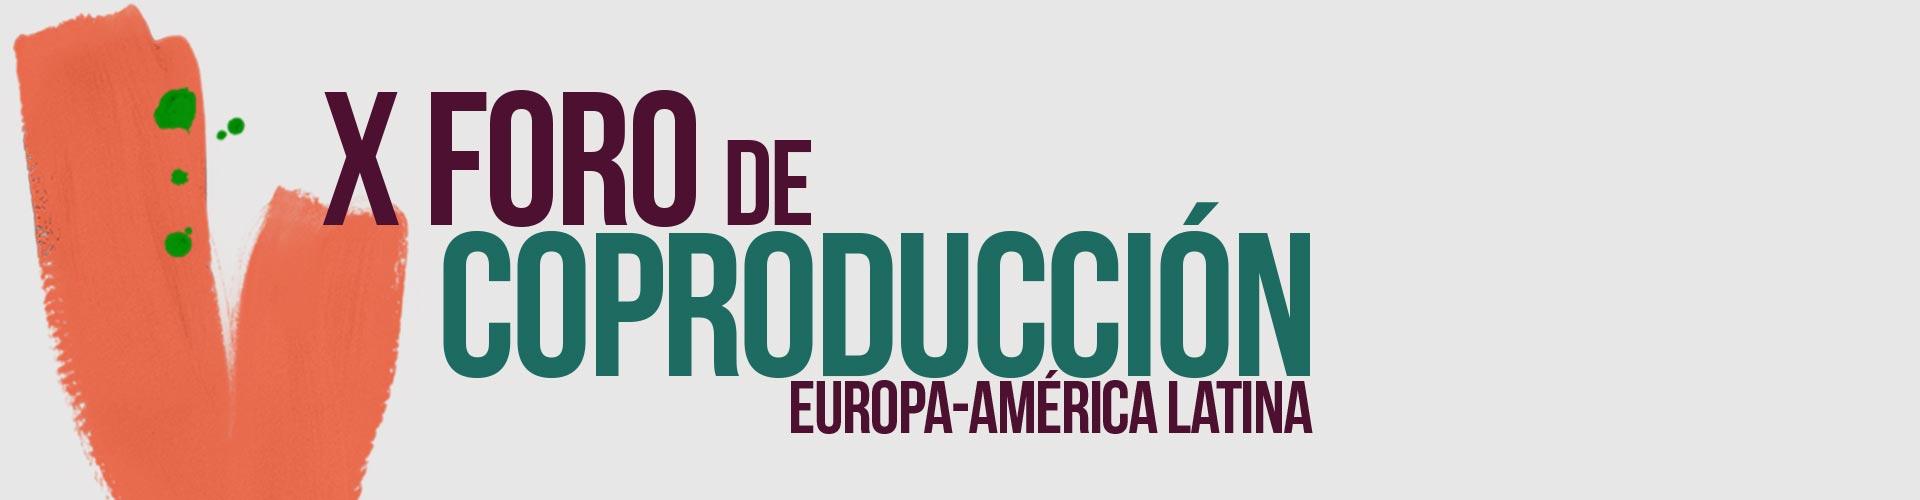 Foro de Coproducción Europa-América Latina